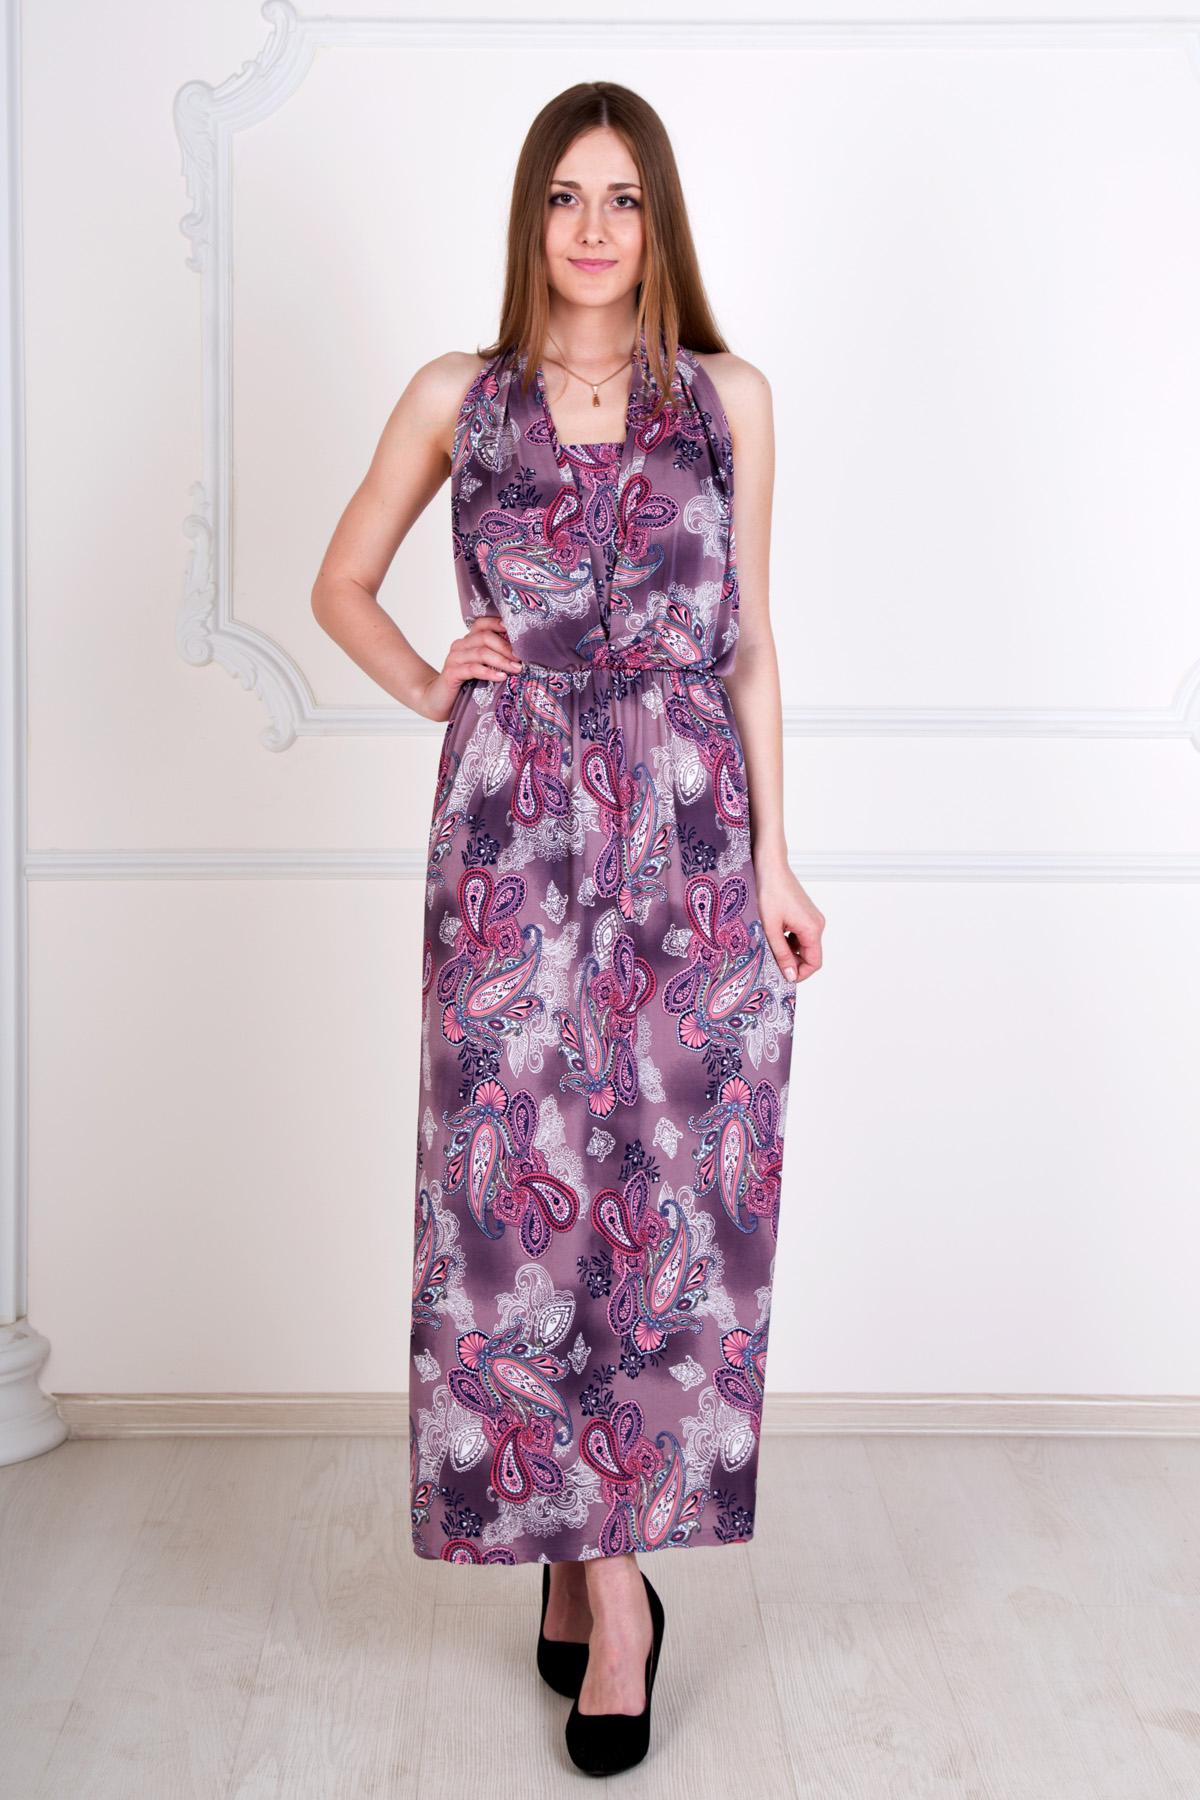 Жен. платье Рандеву р. 54Платья<br>Обхват груди: 108 см <br>Обхват талии: 88 см <br>Обхват бедер: 116 см <br>Длина по спинке: 125 см <br>Рост: 167 см<br><br>Тип: Жен. платье<br>Размер: 54<br>Материал: Масло